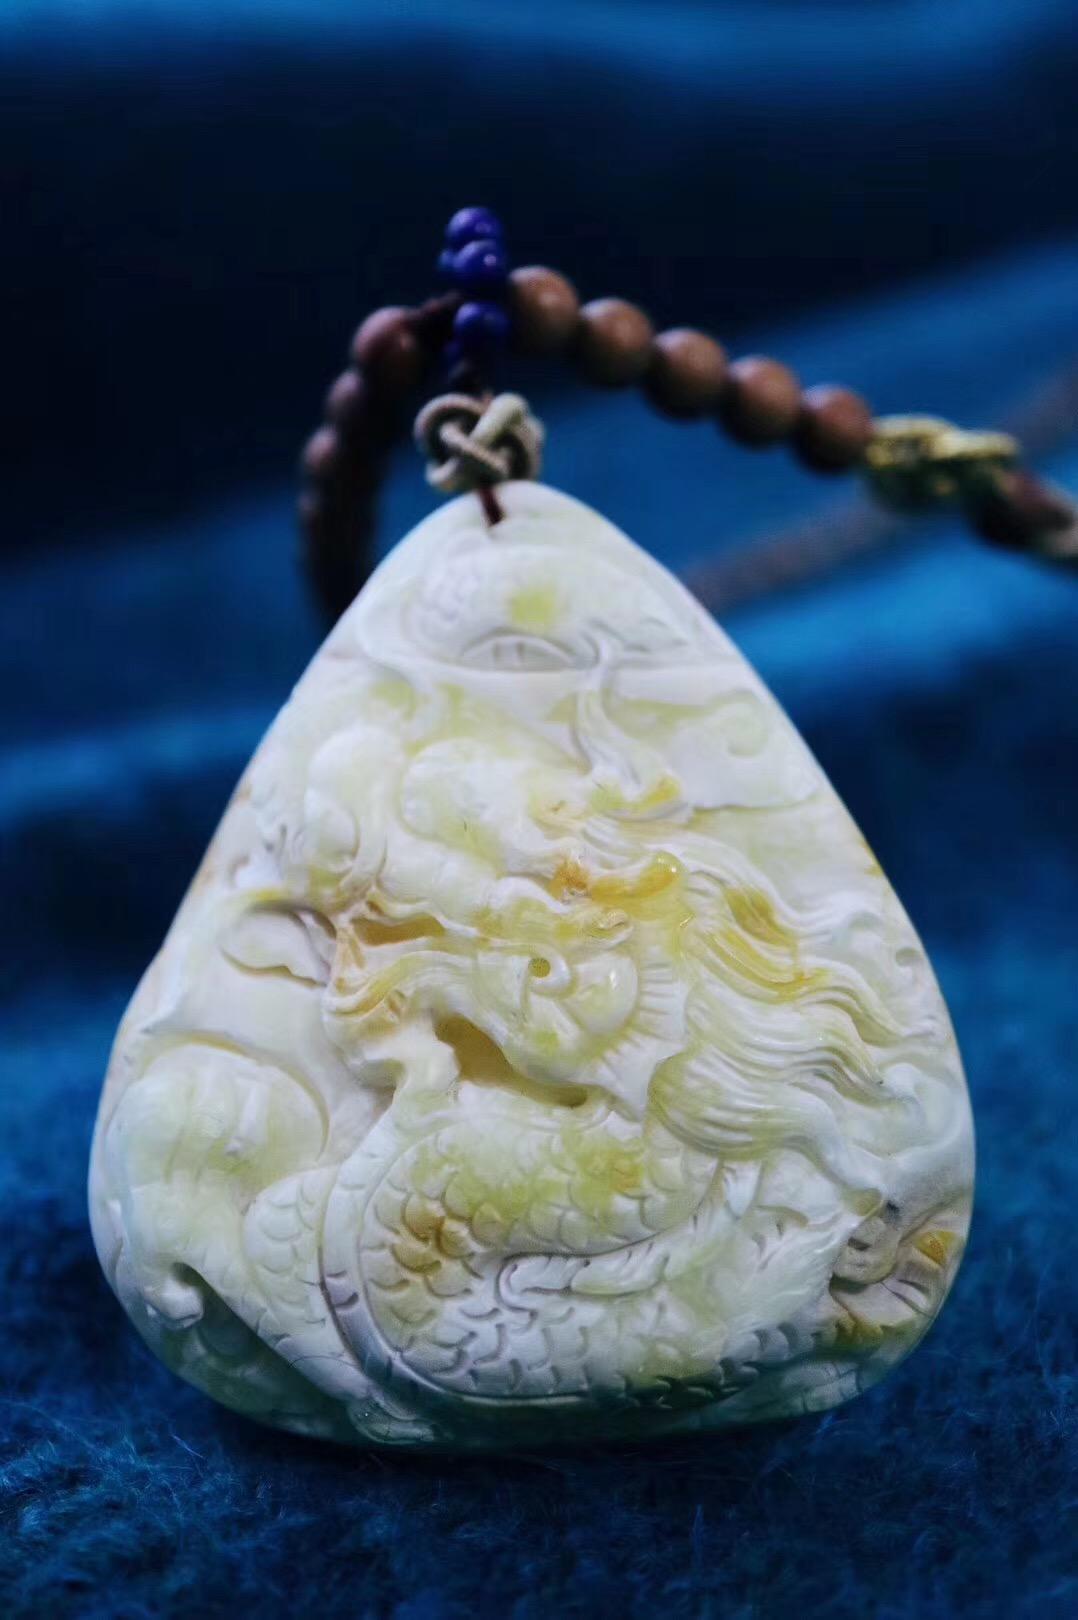 【菩心-白蜜&老山檀】极品白花蜜蜡就是一幅画-菩心晶舍